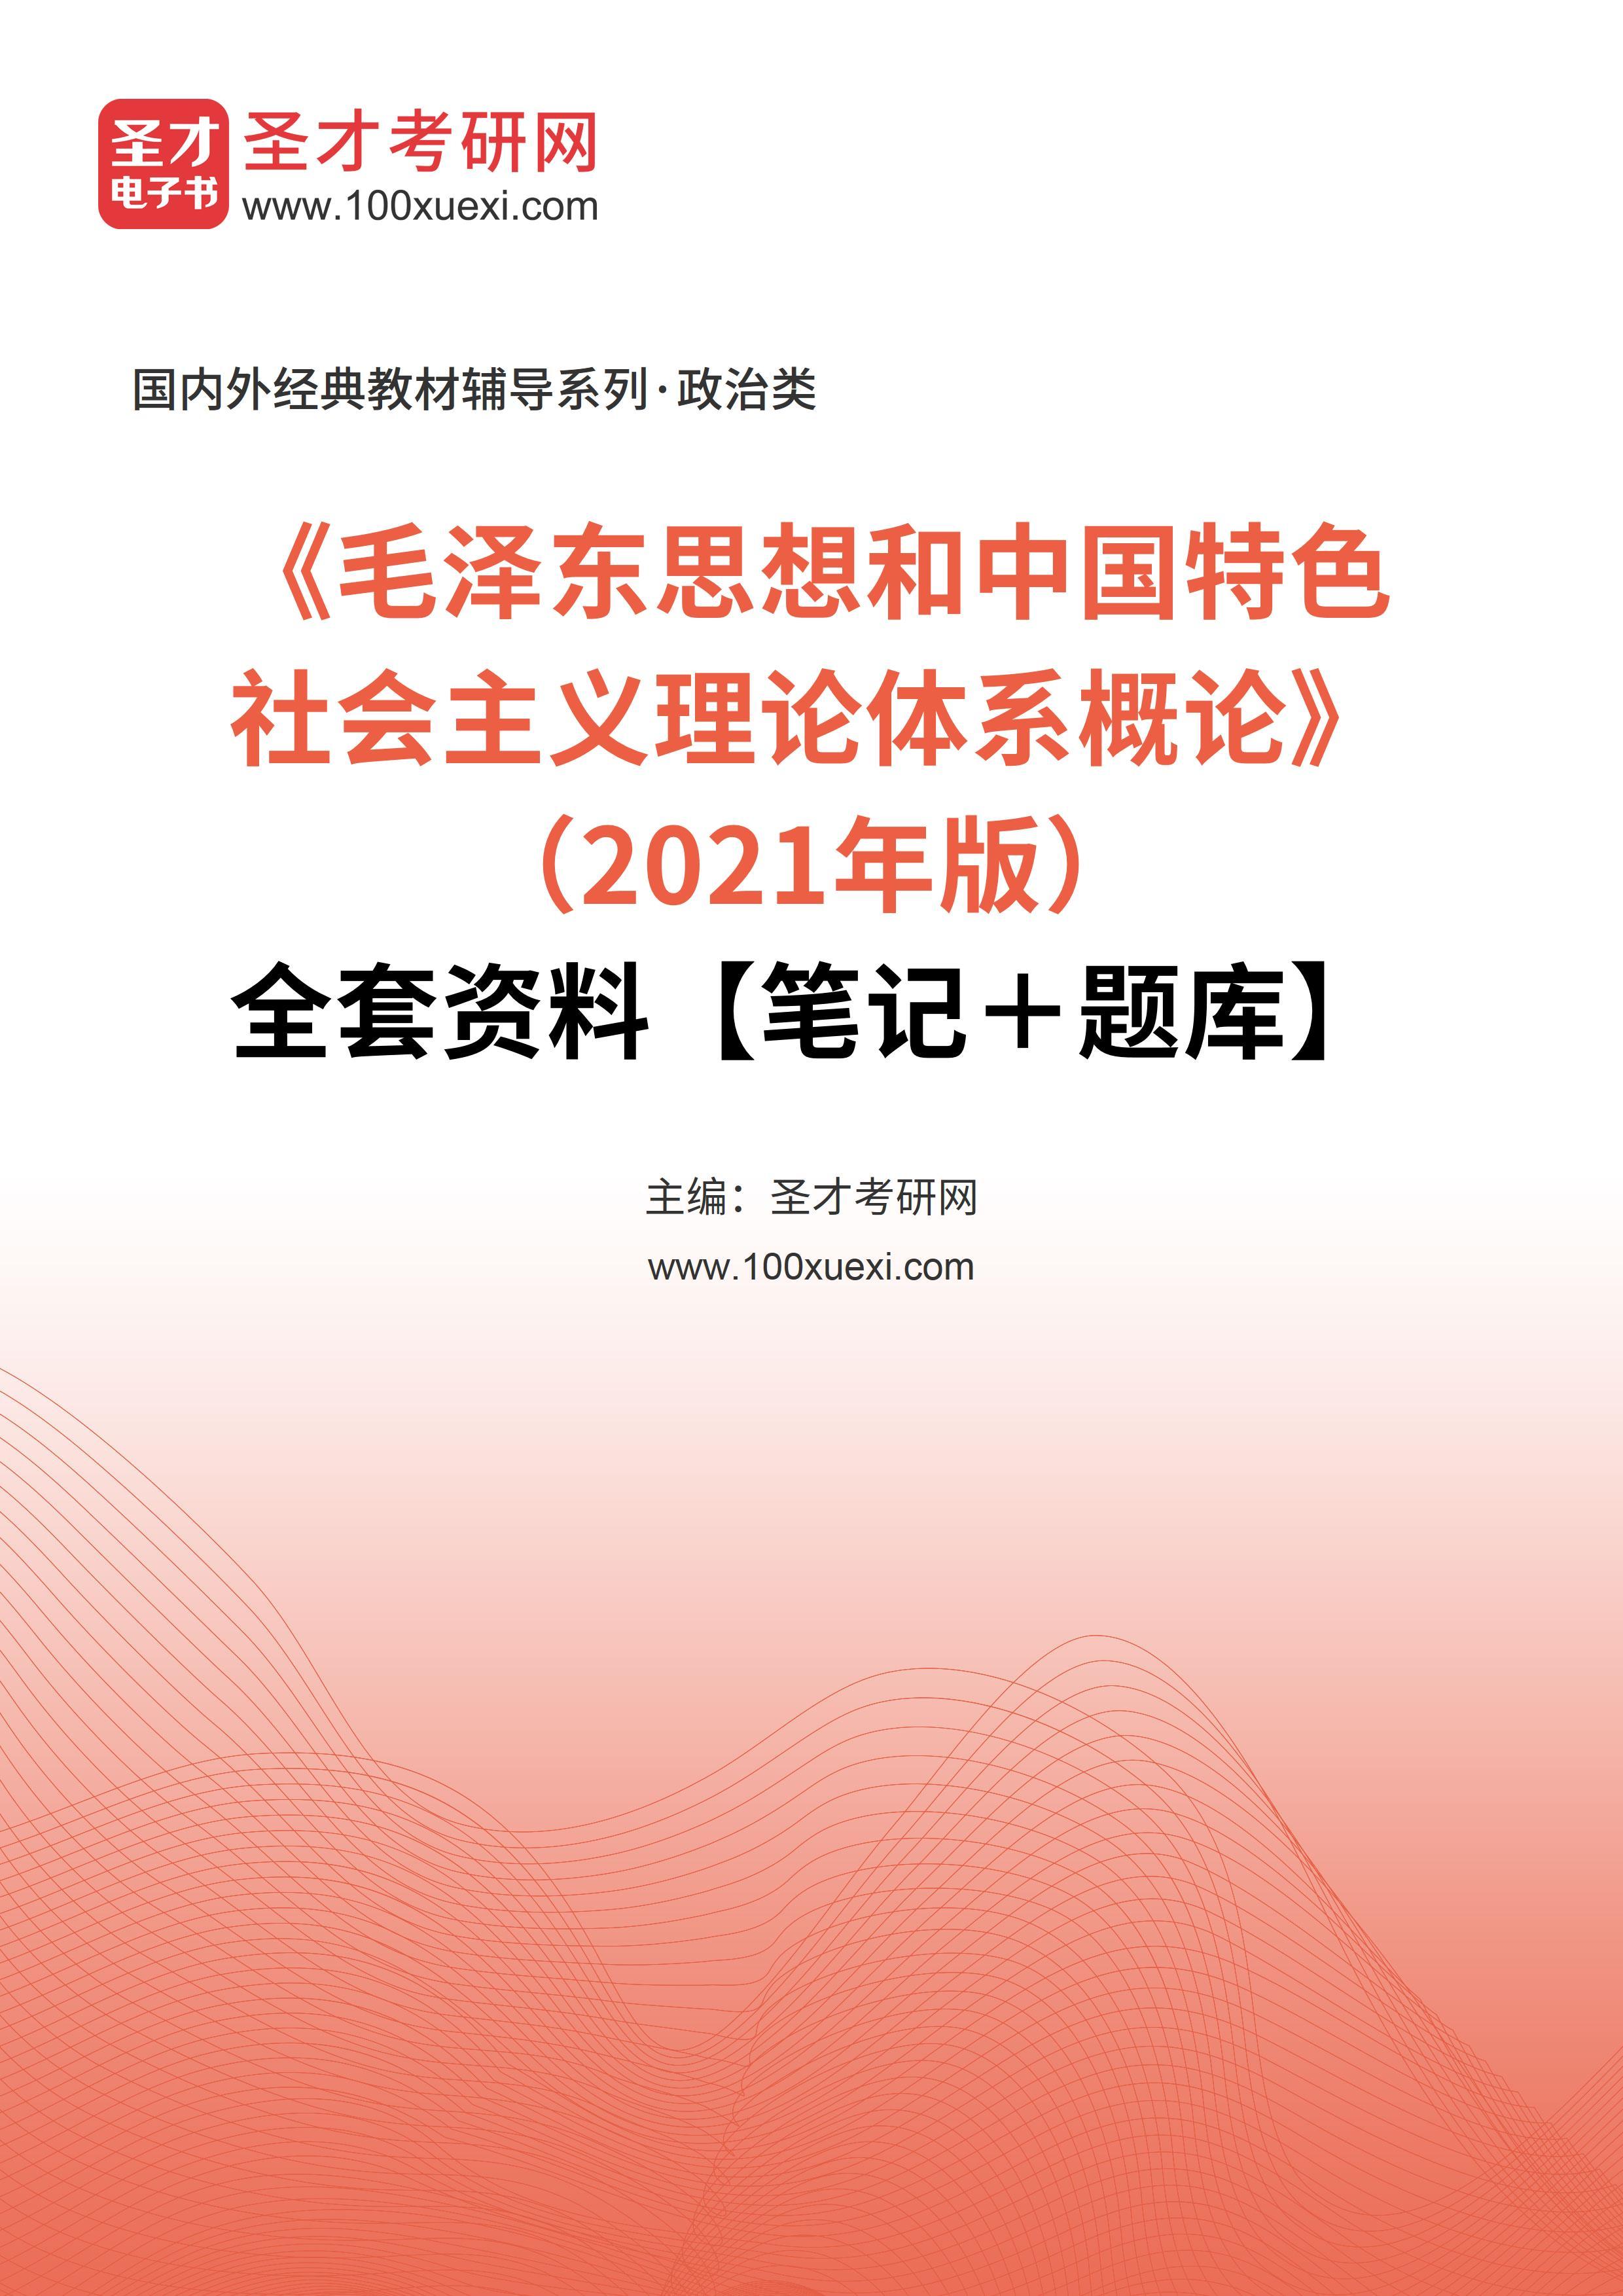 《毛泽东思想和中国特色社会主义理论体系概论》(2021年版)全套资料【笔记+题库】